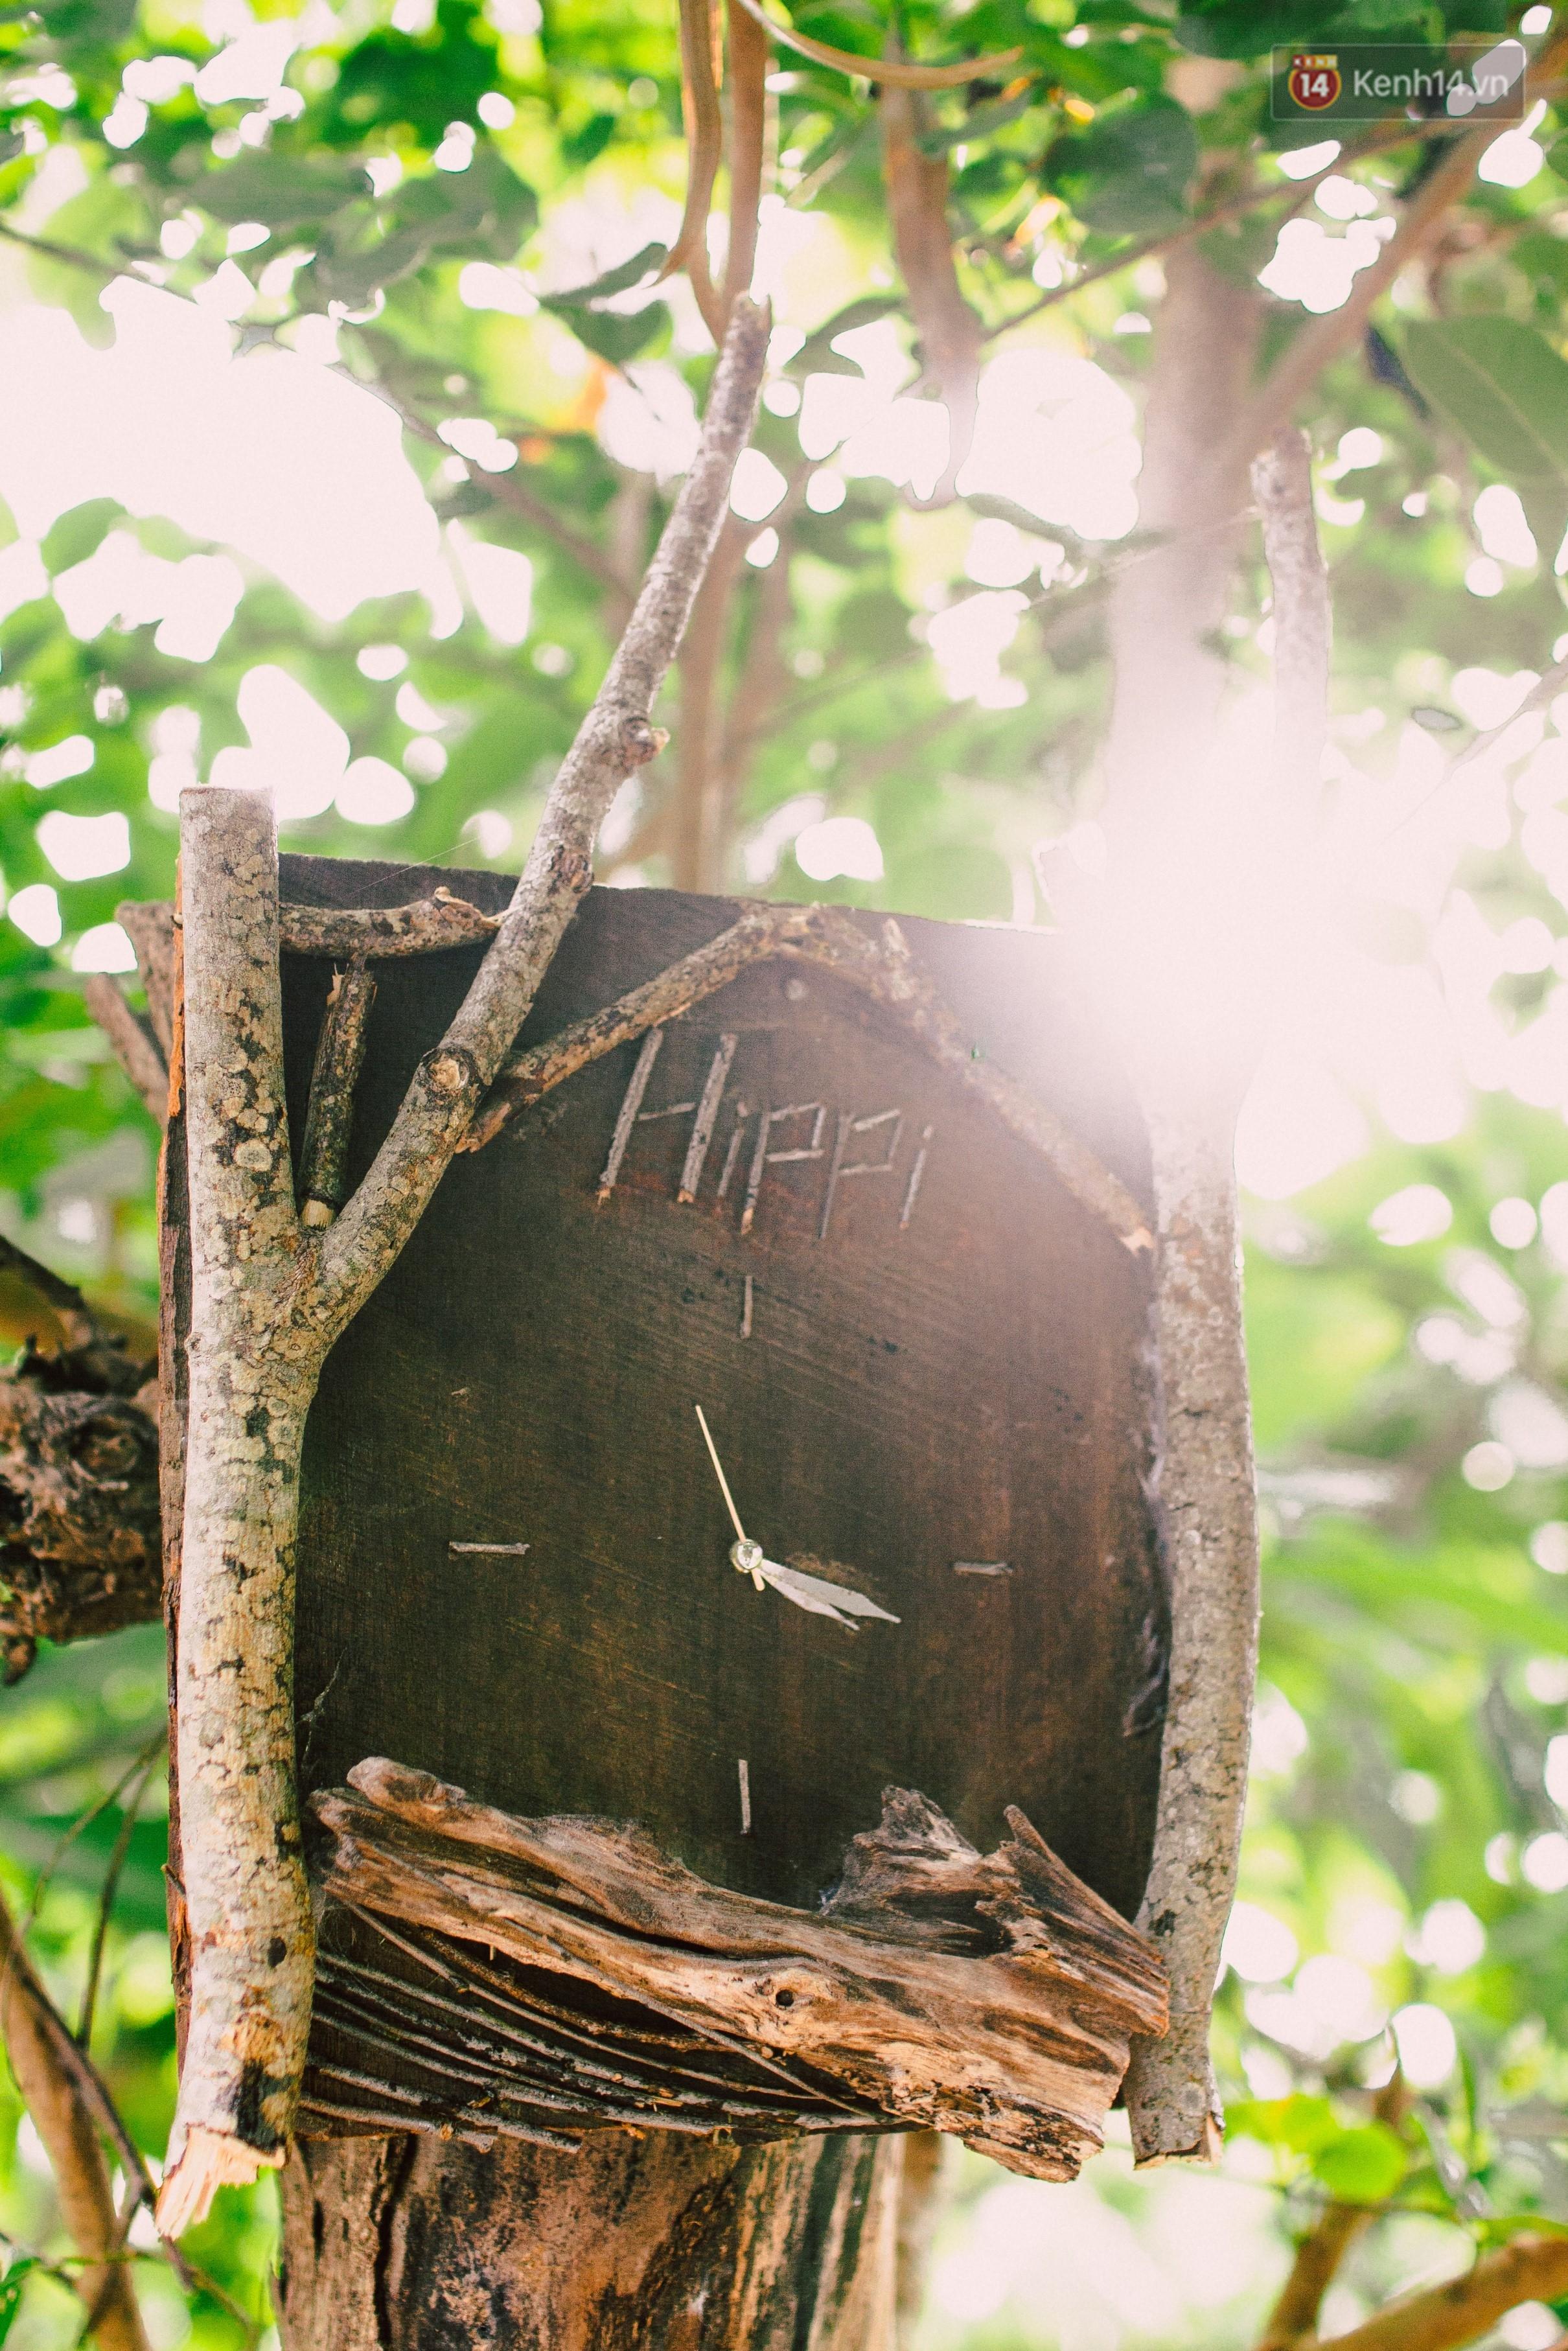 Chuyện về chàng trai Vũng Tàu bỏ phố lên rừng để mở tiệm tóc trong túp lều độc đáo bên triền dốc - Ảnh 8.